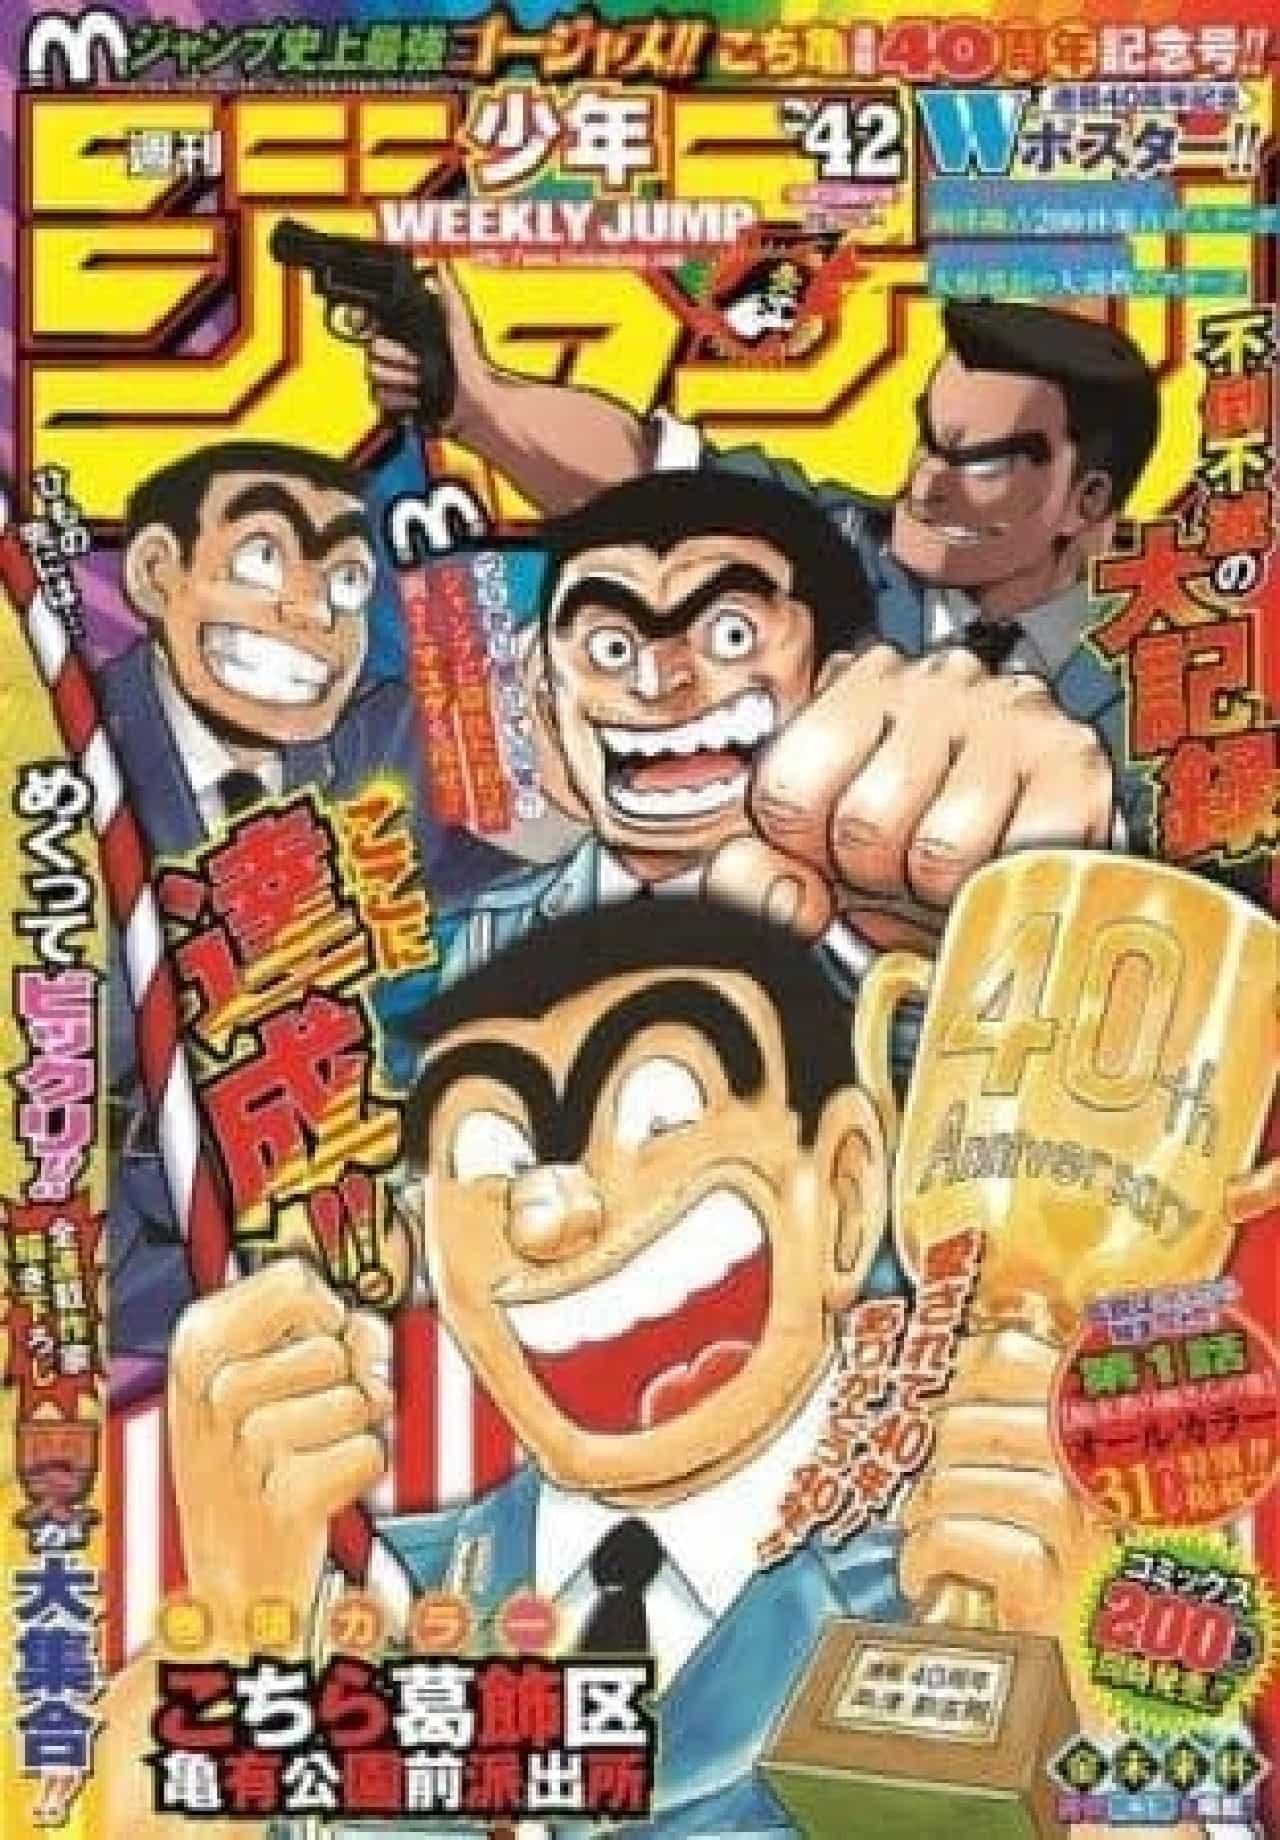 """「週刊少年ジャンプ」42号""""「こち亀」40周年記念超メモリアル特大号"""""""